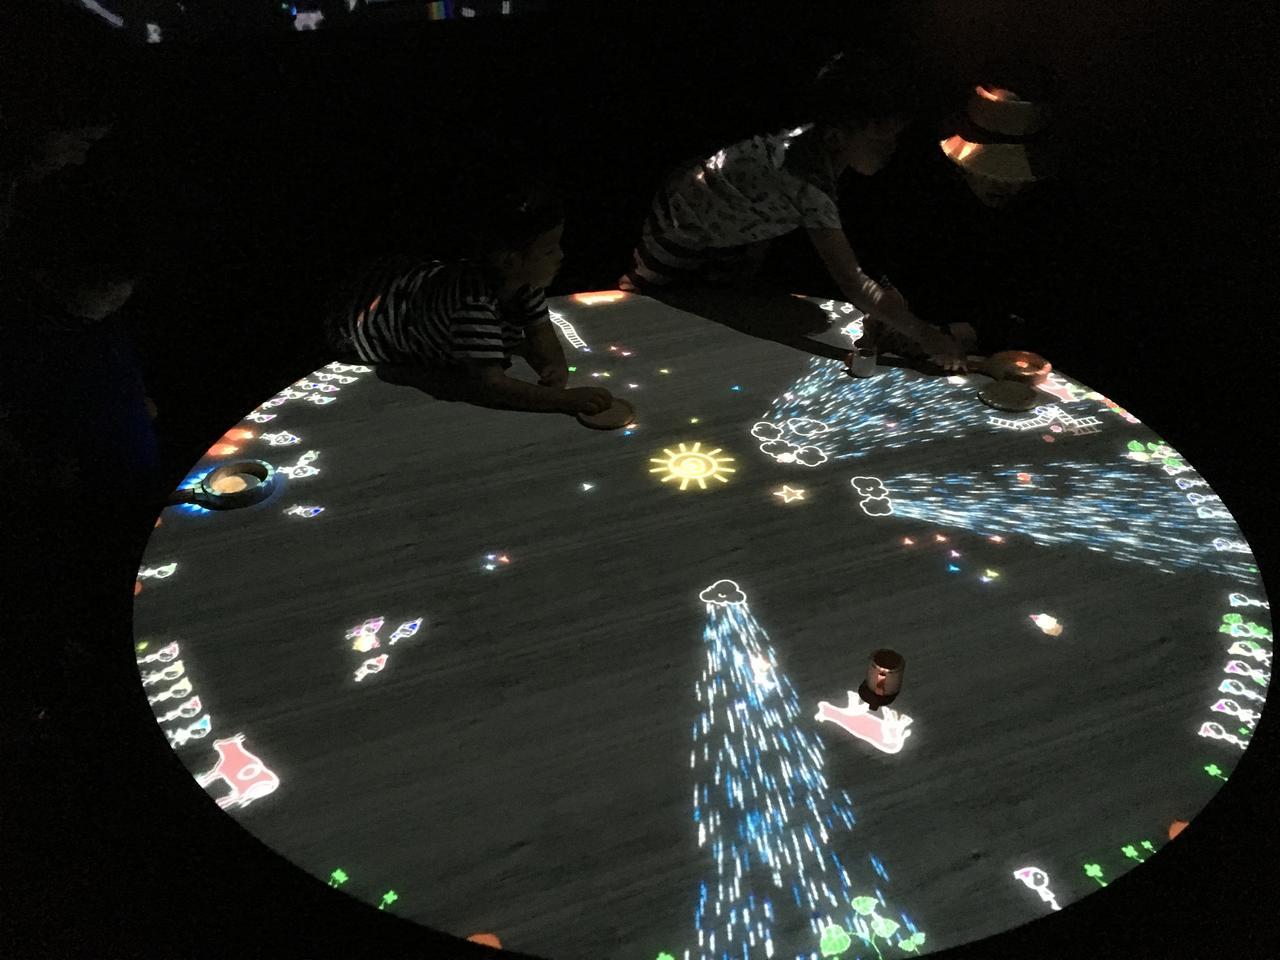 画像1: teamLab, 2013-, Interactive Digital Installation photo©cinefil